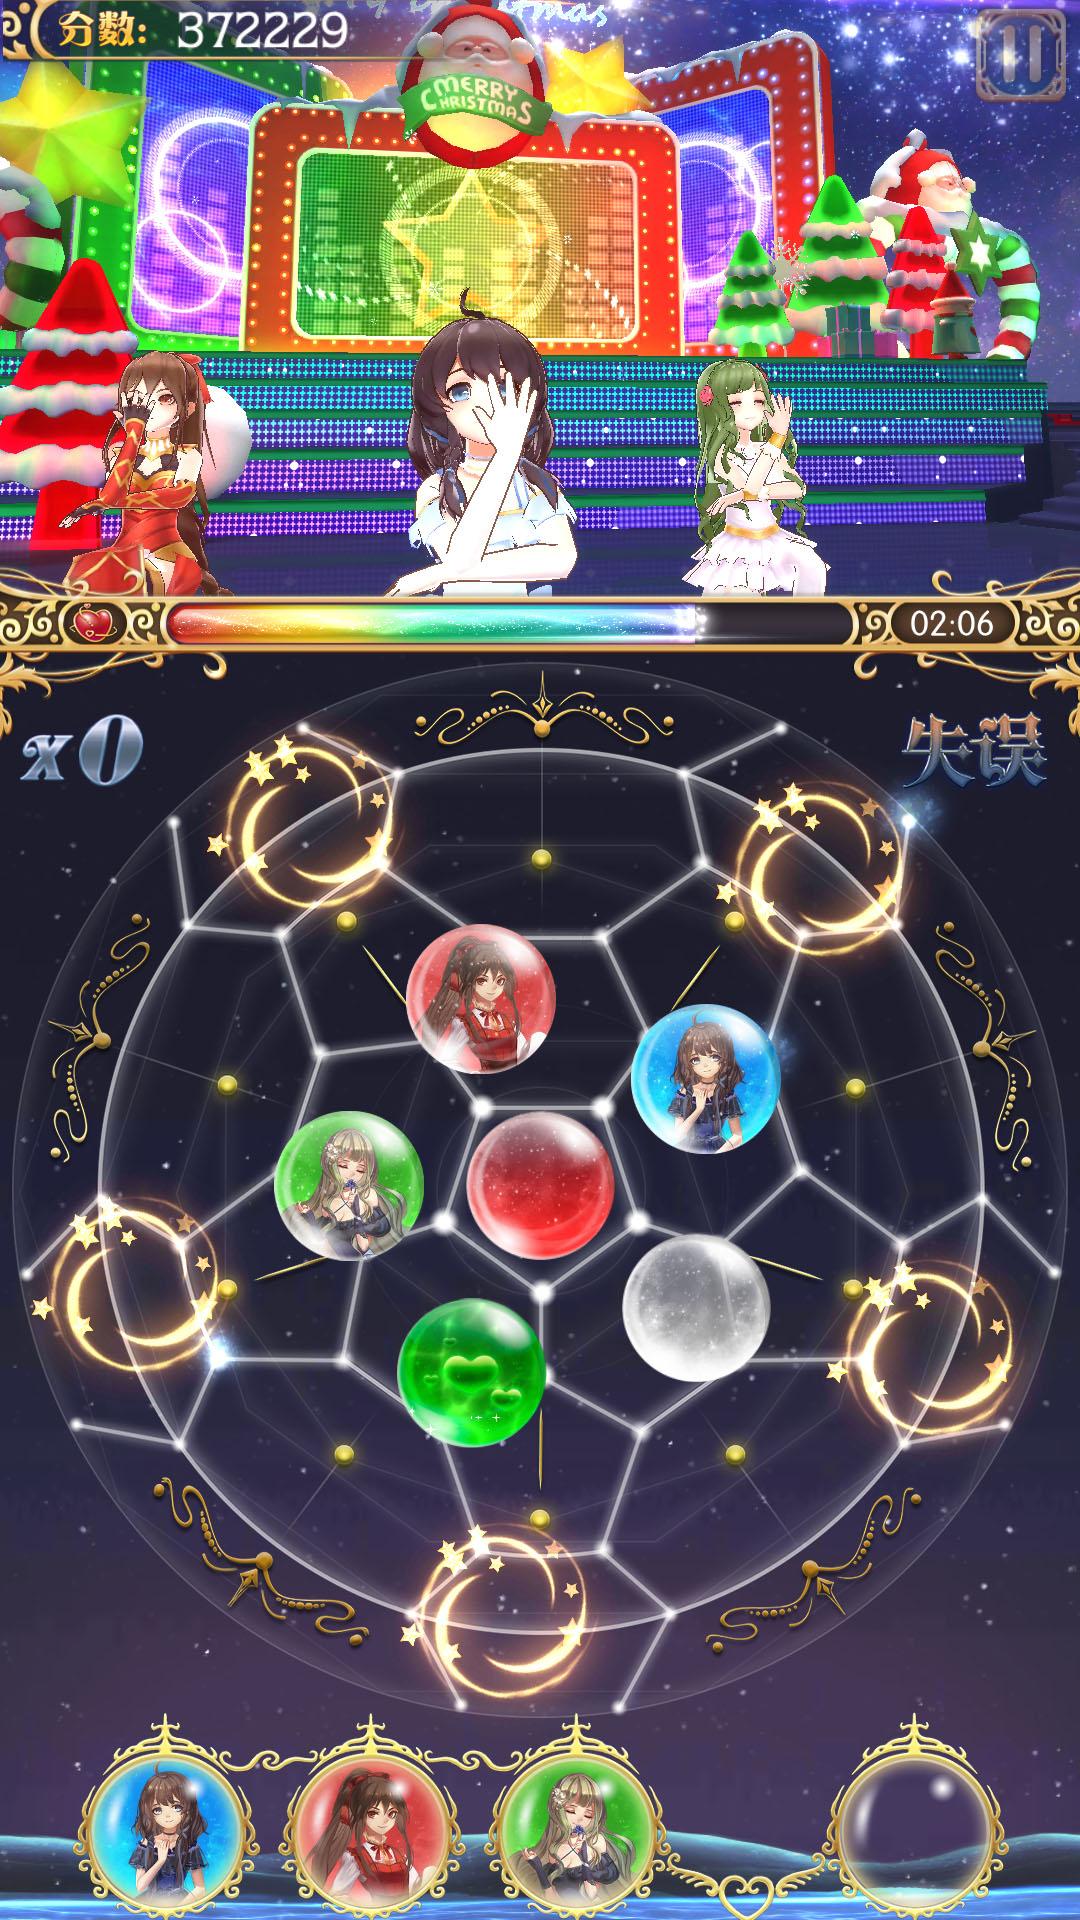 星体舞会/Ball!Ball!